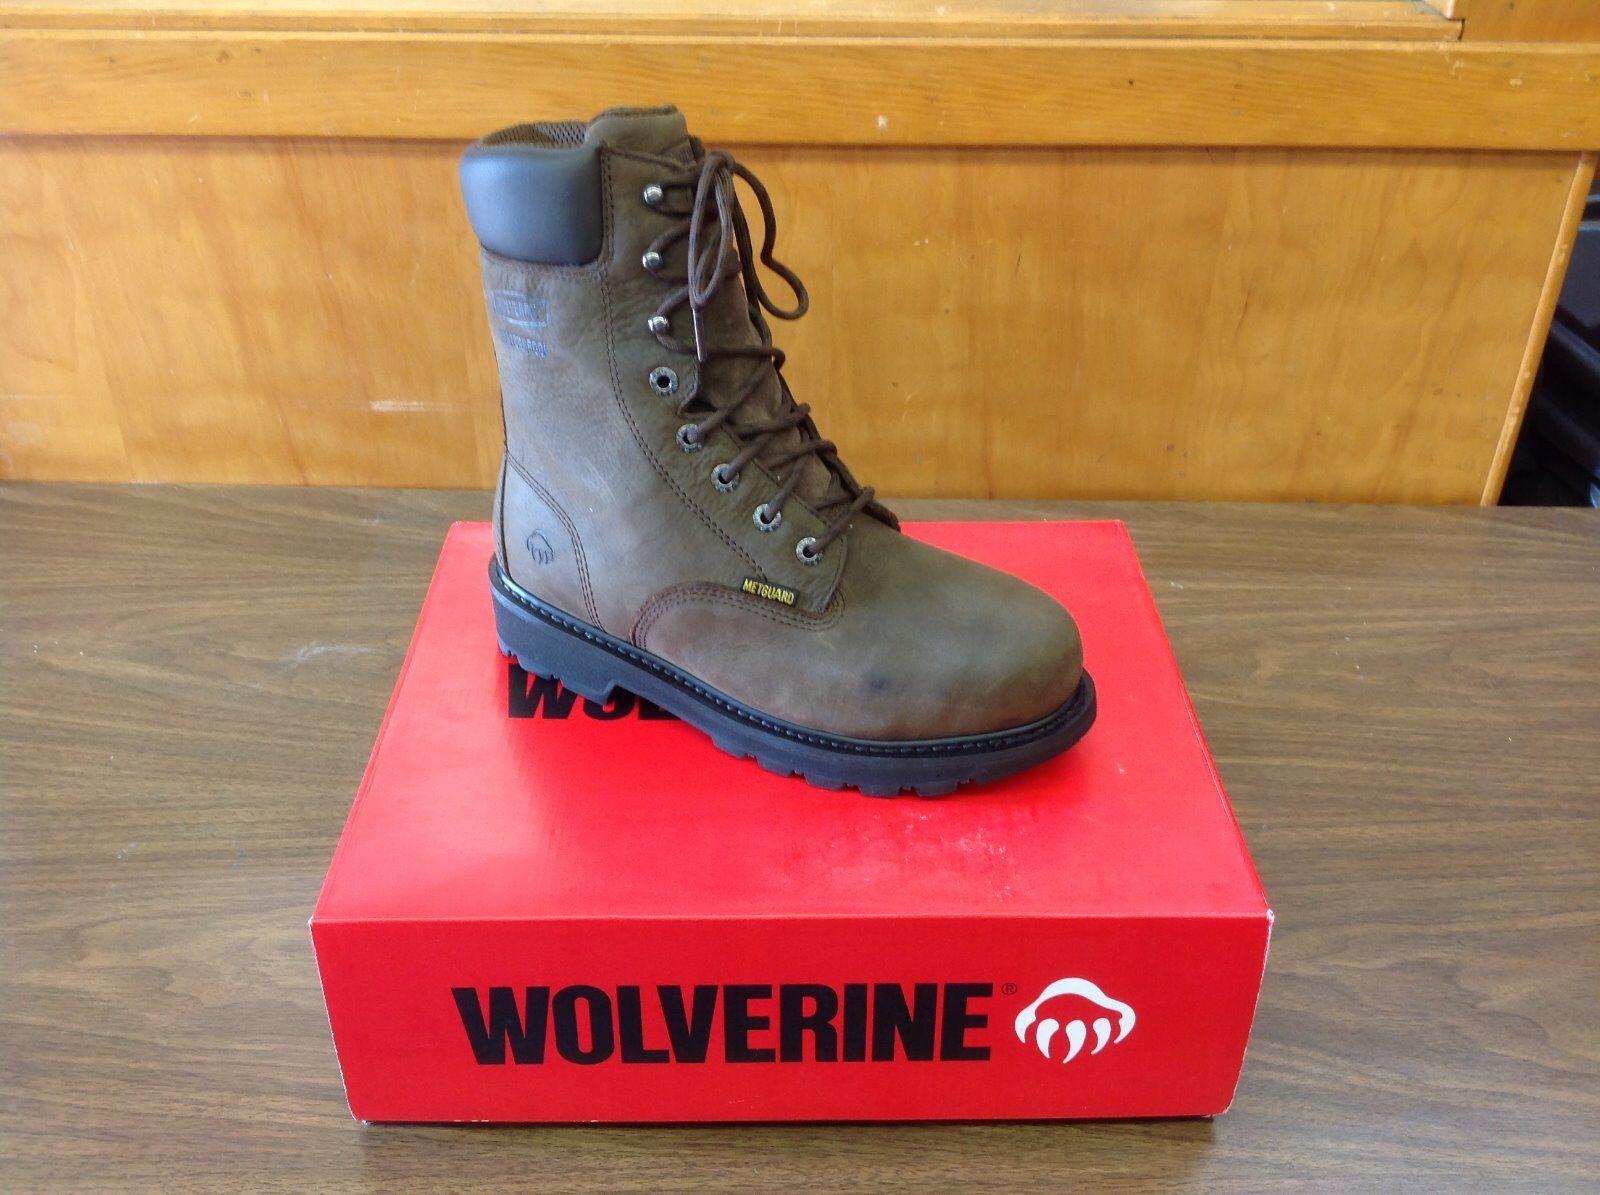 Con Protector De Botas De Seguridad 8 Wolverine wo 5680 8 Seguridad los tallas estadounidenses 7-14 (m & Ew) d9a27b